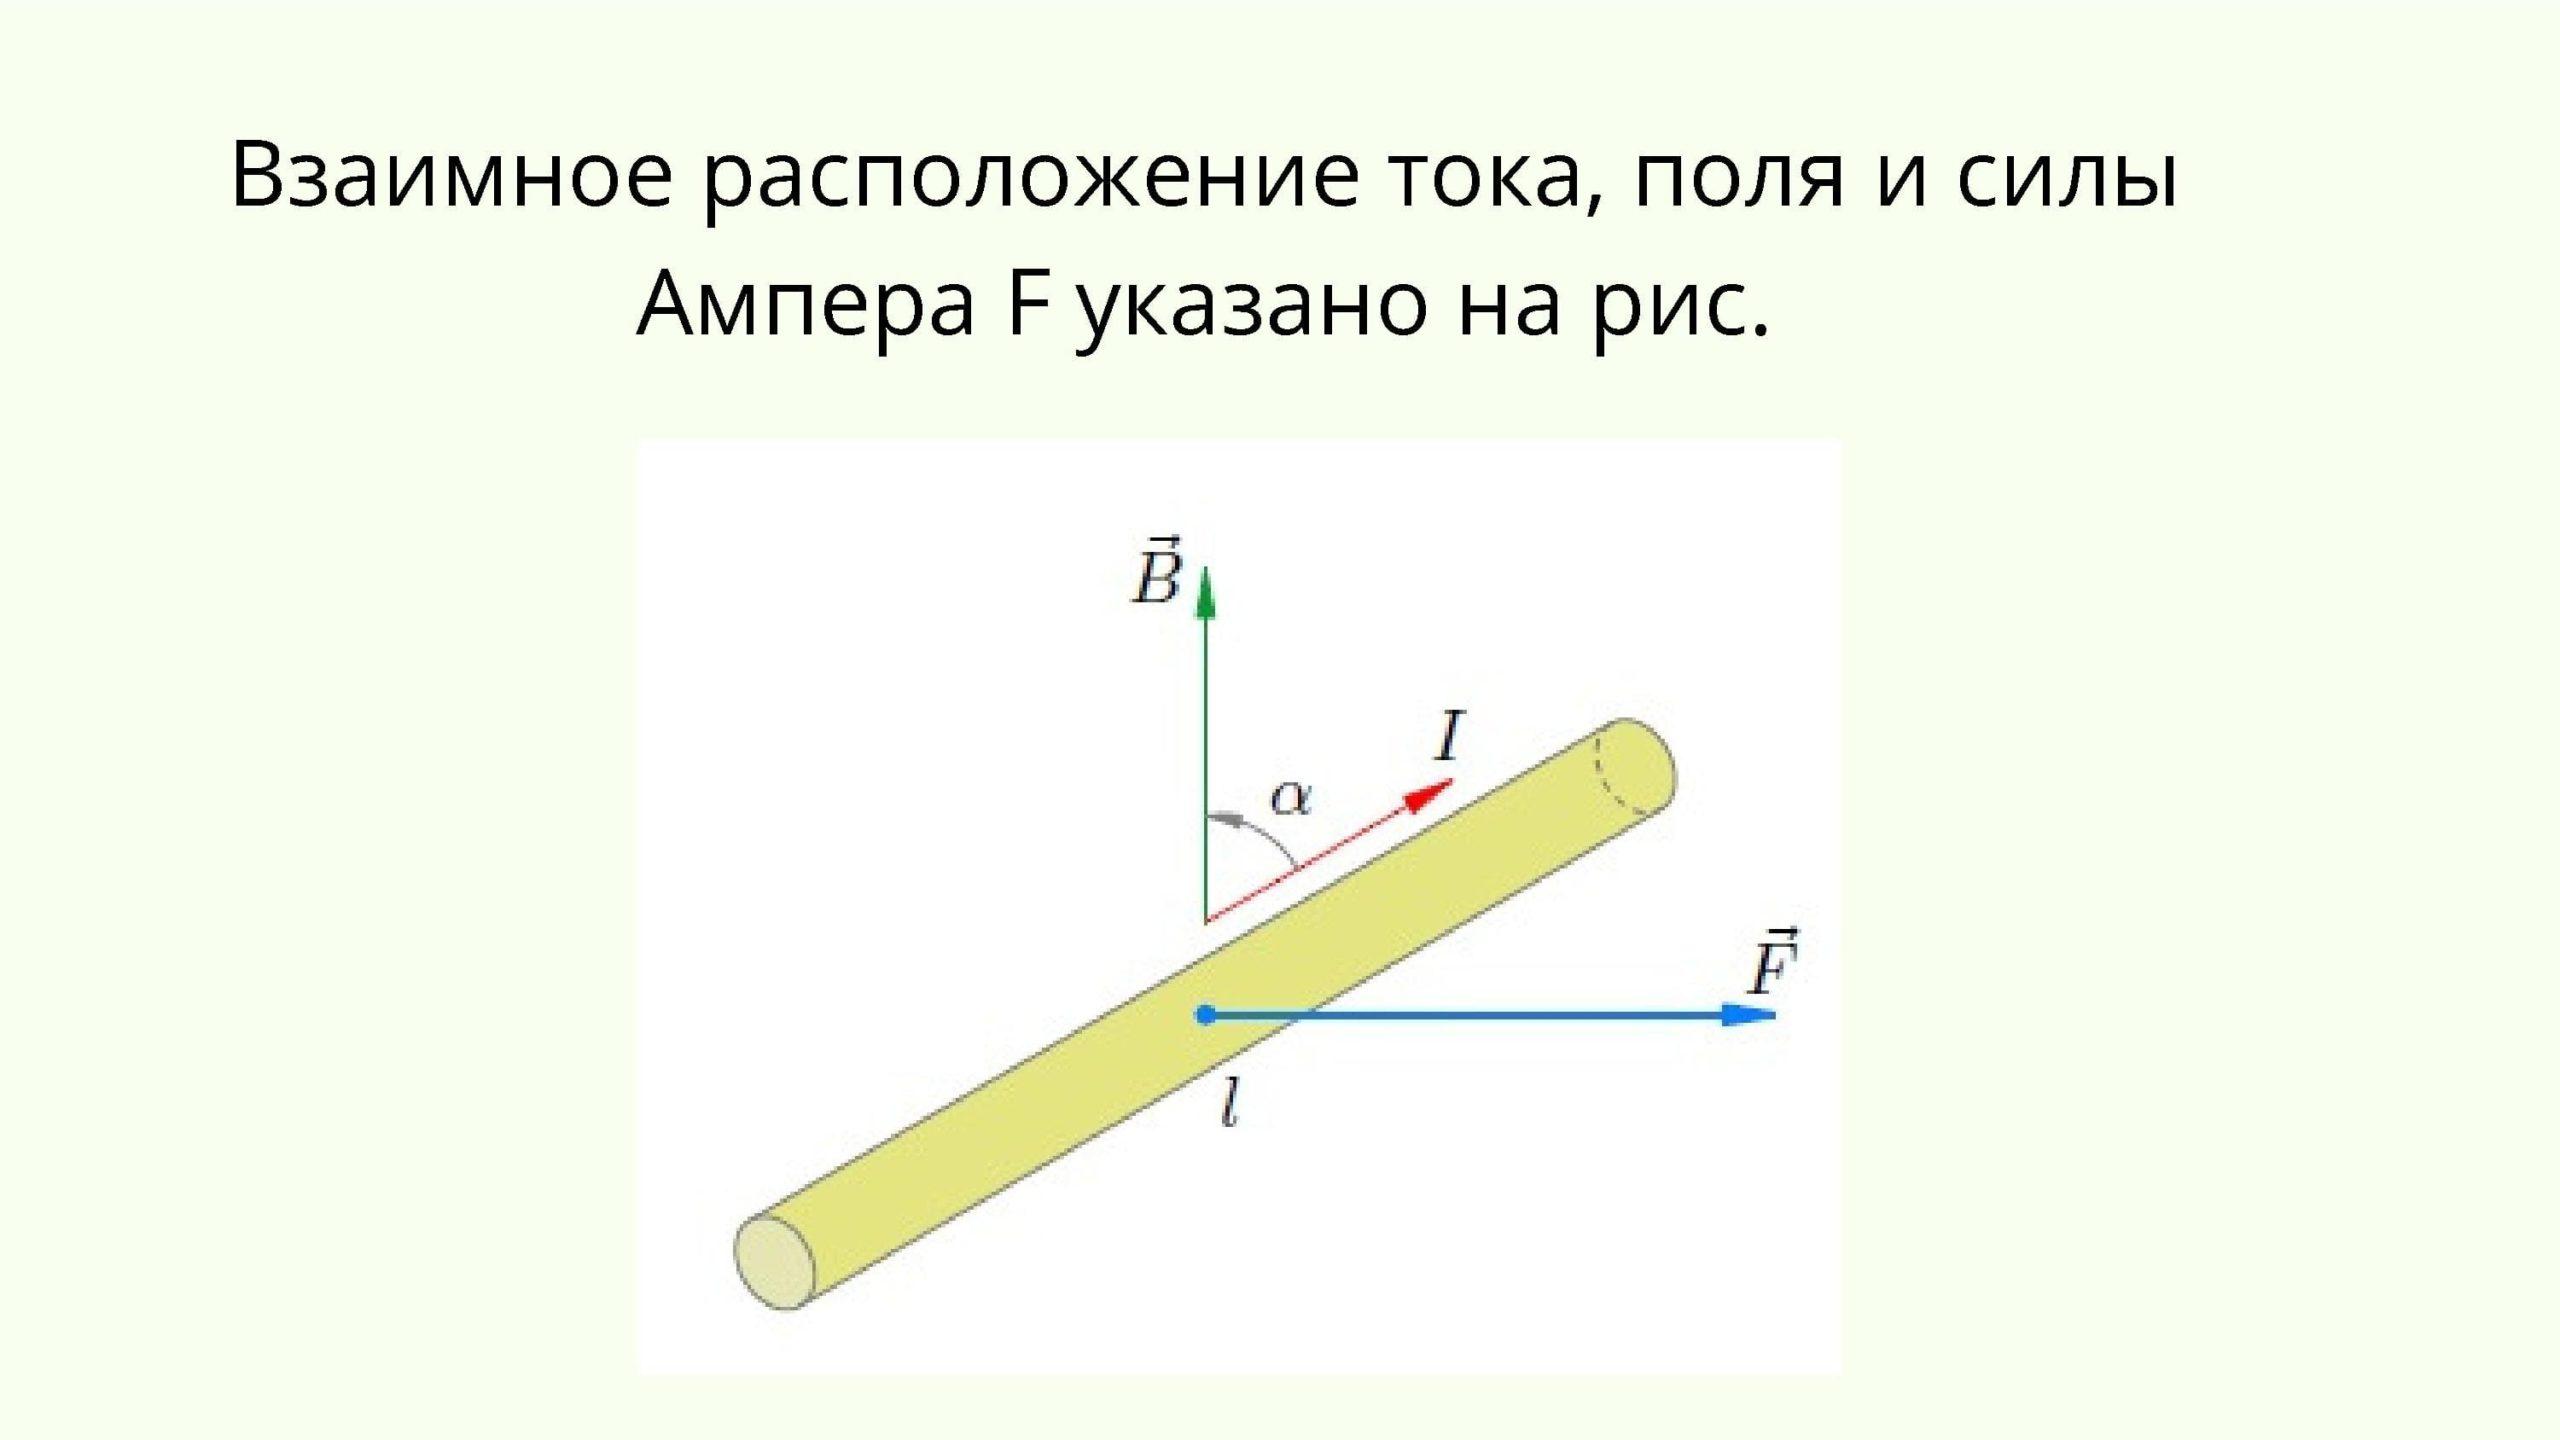 Взаимное расположение тока, поля и силы Ампера F указано на рисунке